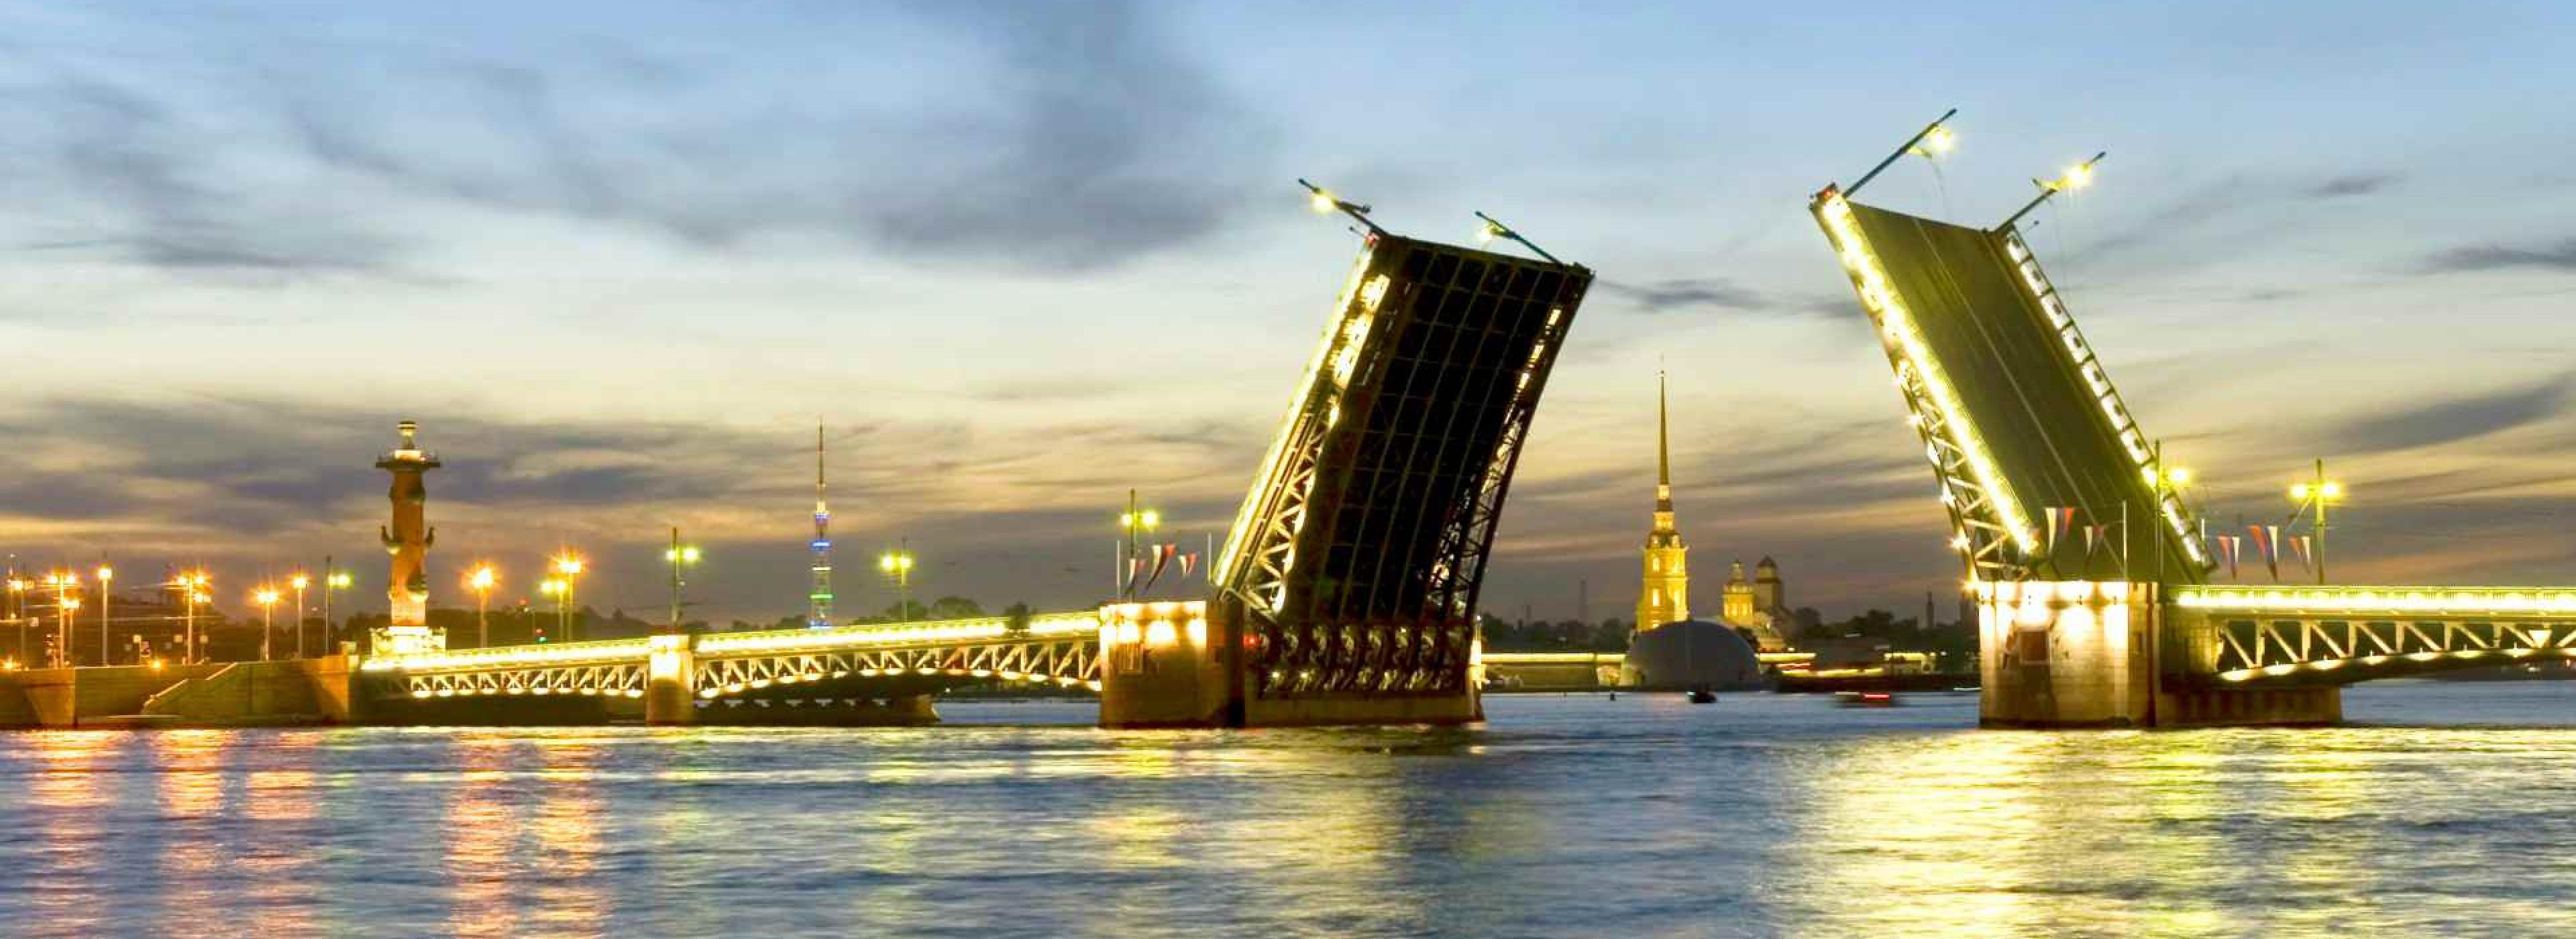 Saint Petersburg river